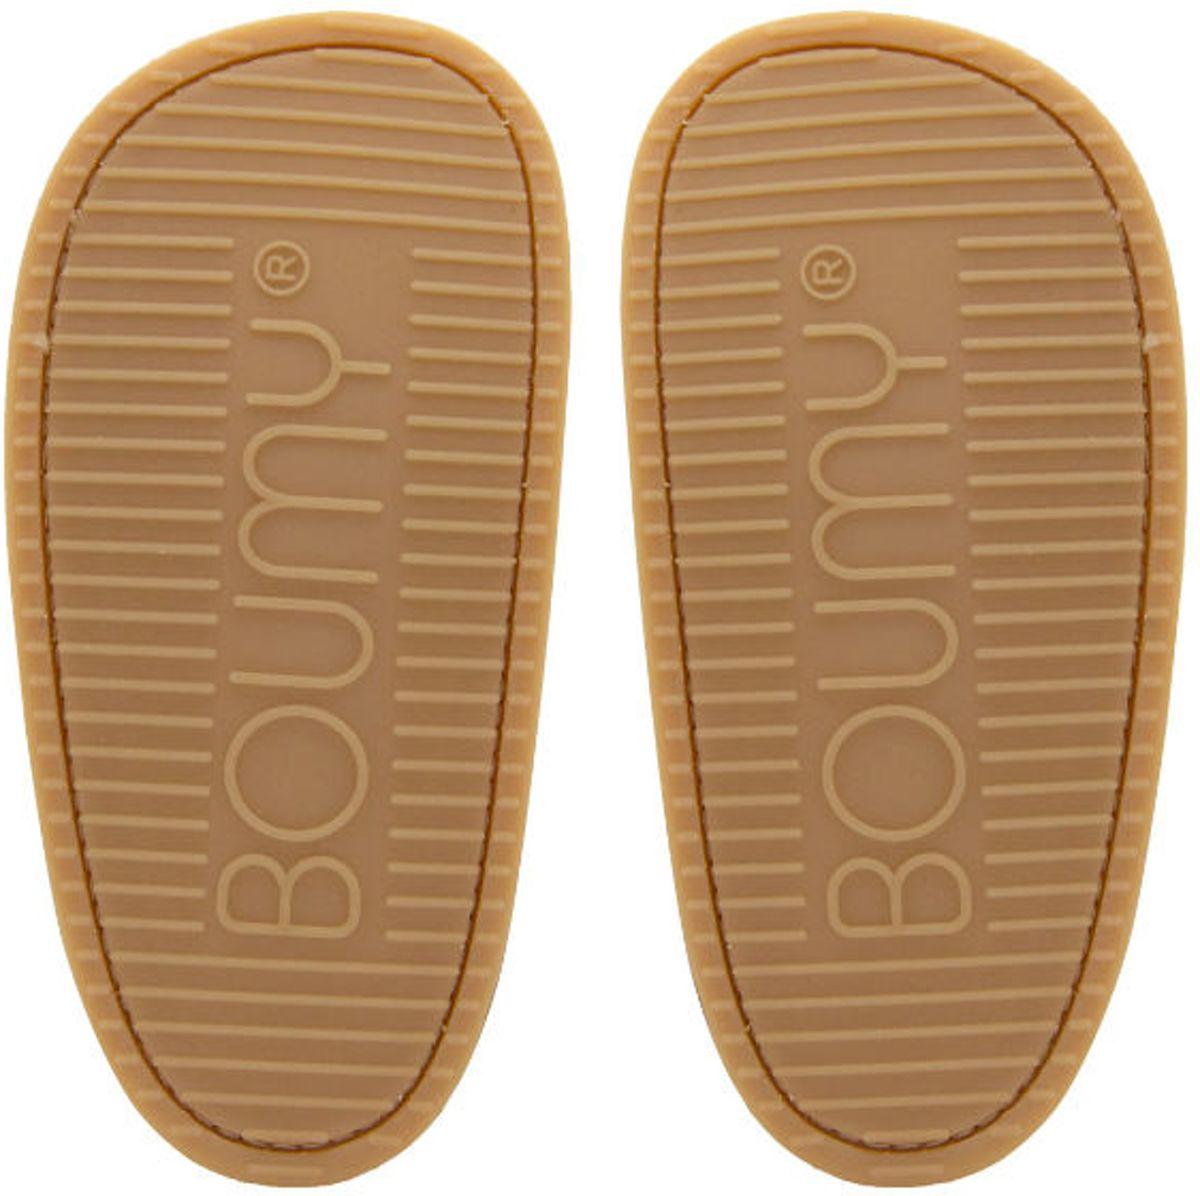 Chaussure Enfant - Boumy - Ilan L (18-24 Mois) NStZdFYo2